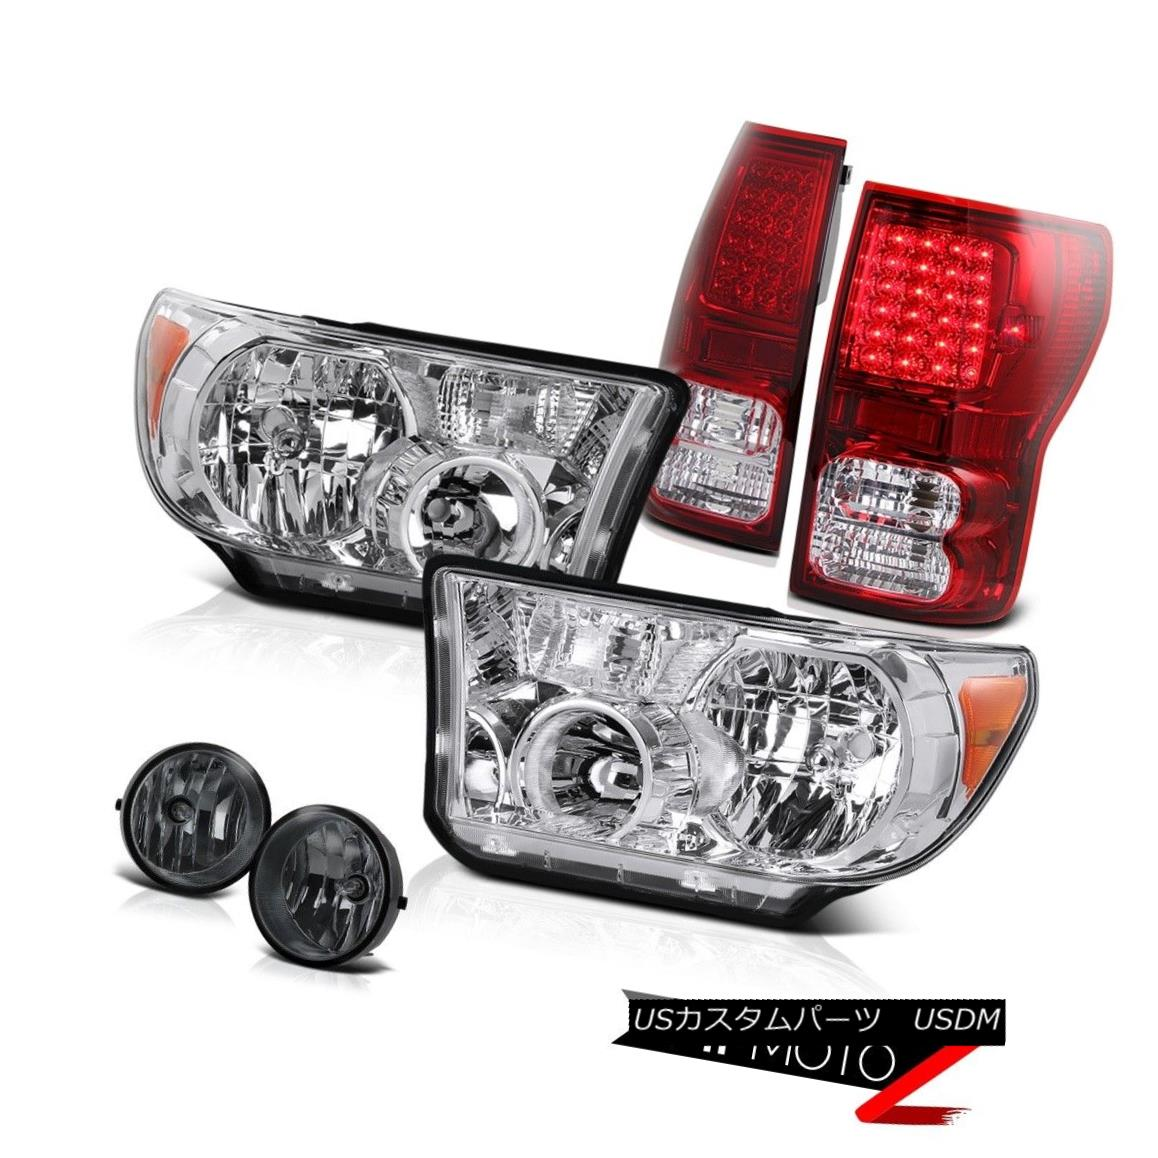 テールライト Crystal Clear L+R Headlamp+Led Tail Light+Fog Lamp 07-2013 Toyota Tundra クリスタルクリアL + Rヘッドランプ+ Ledテールライト+フォグランプ07-2013 Toyota Tundra